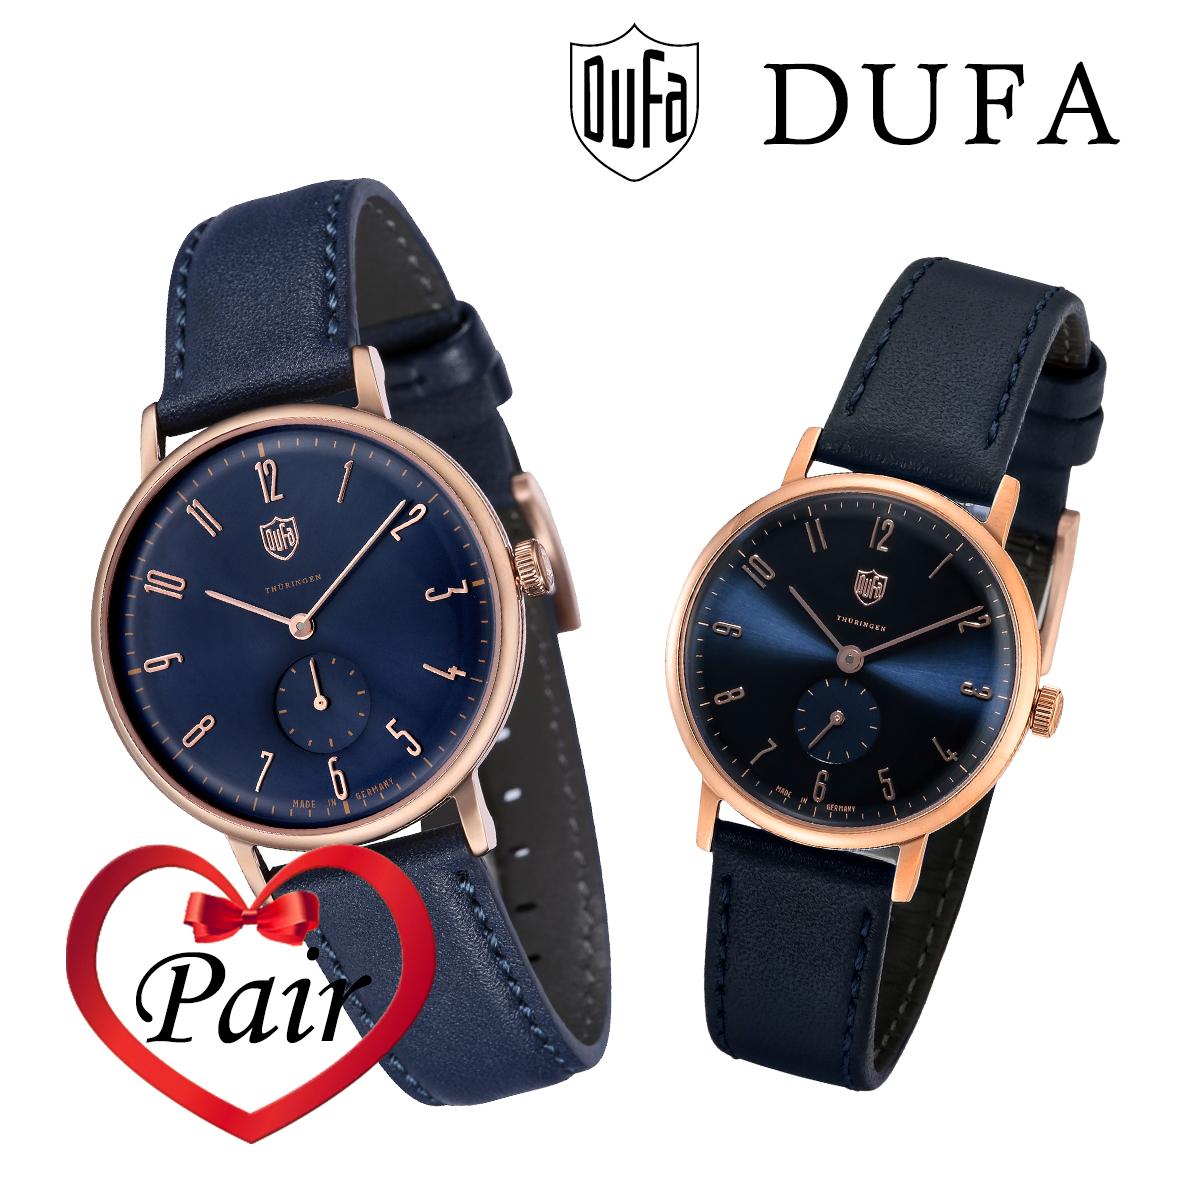 【全品送料無料】 DUFA ドゥッファ ペアウォッチ DF-7001-0F DF-9001-0F プレゼント 贈り物 腕時計 [あす楽]